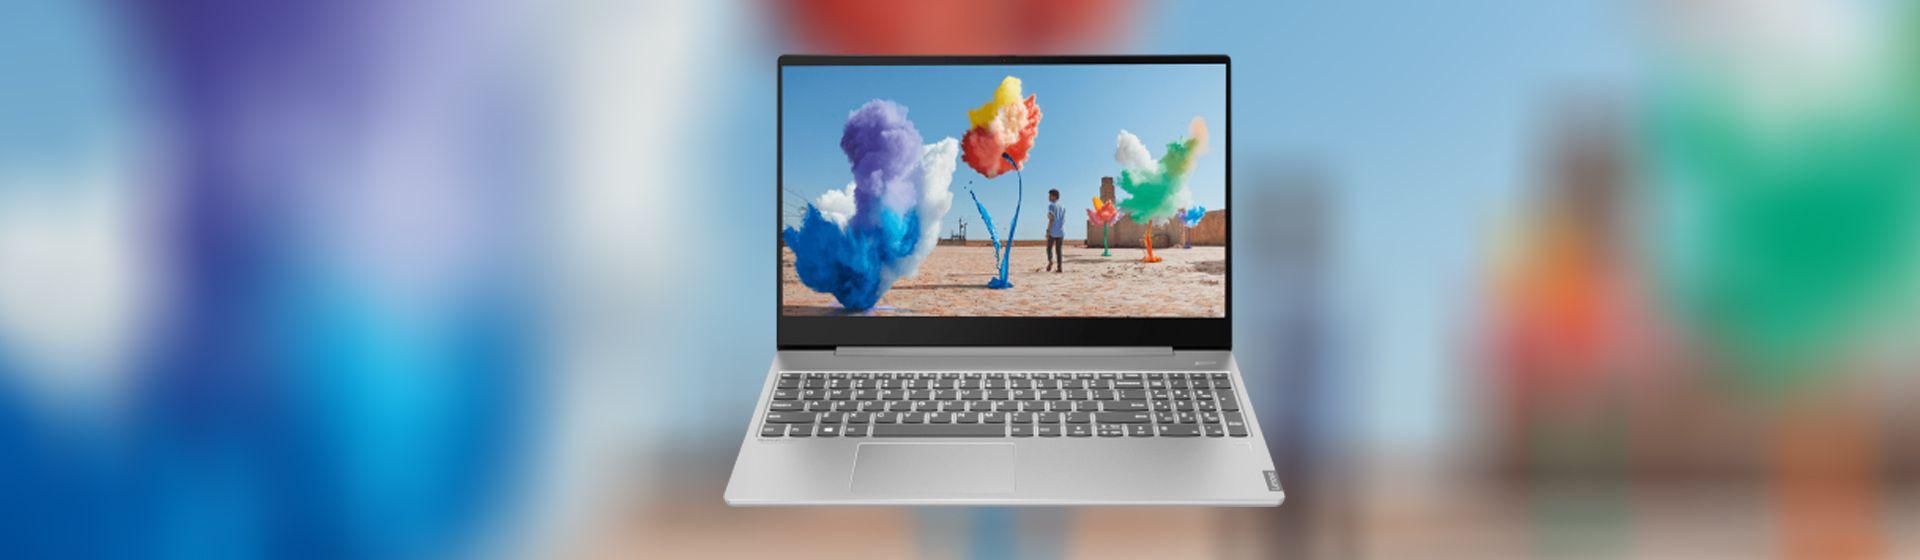 Lenovo IdeaPad S145 com Intel Core i7 e MX 110 é bom? Veja análise